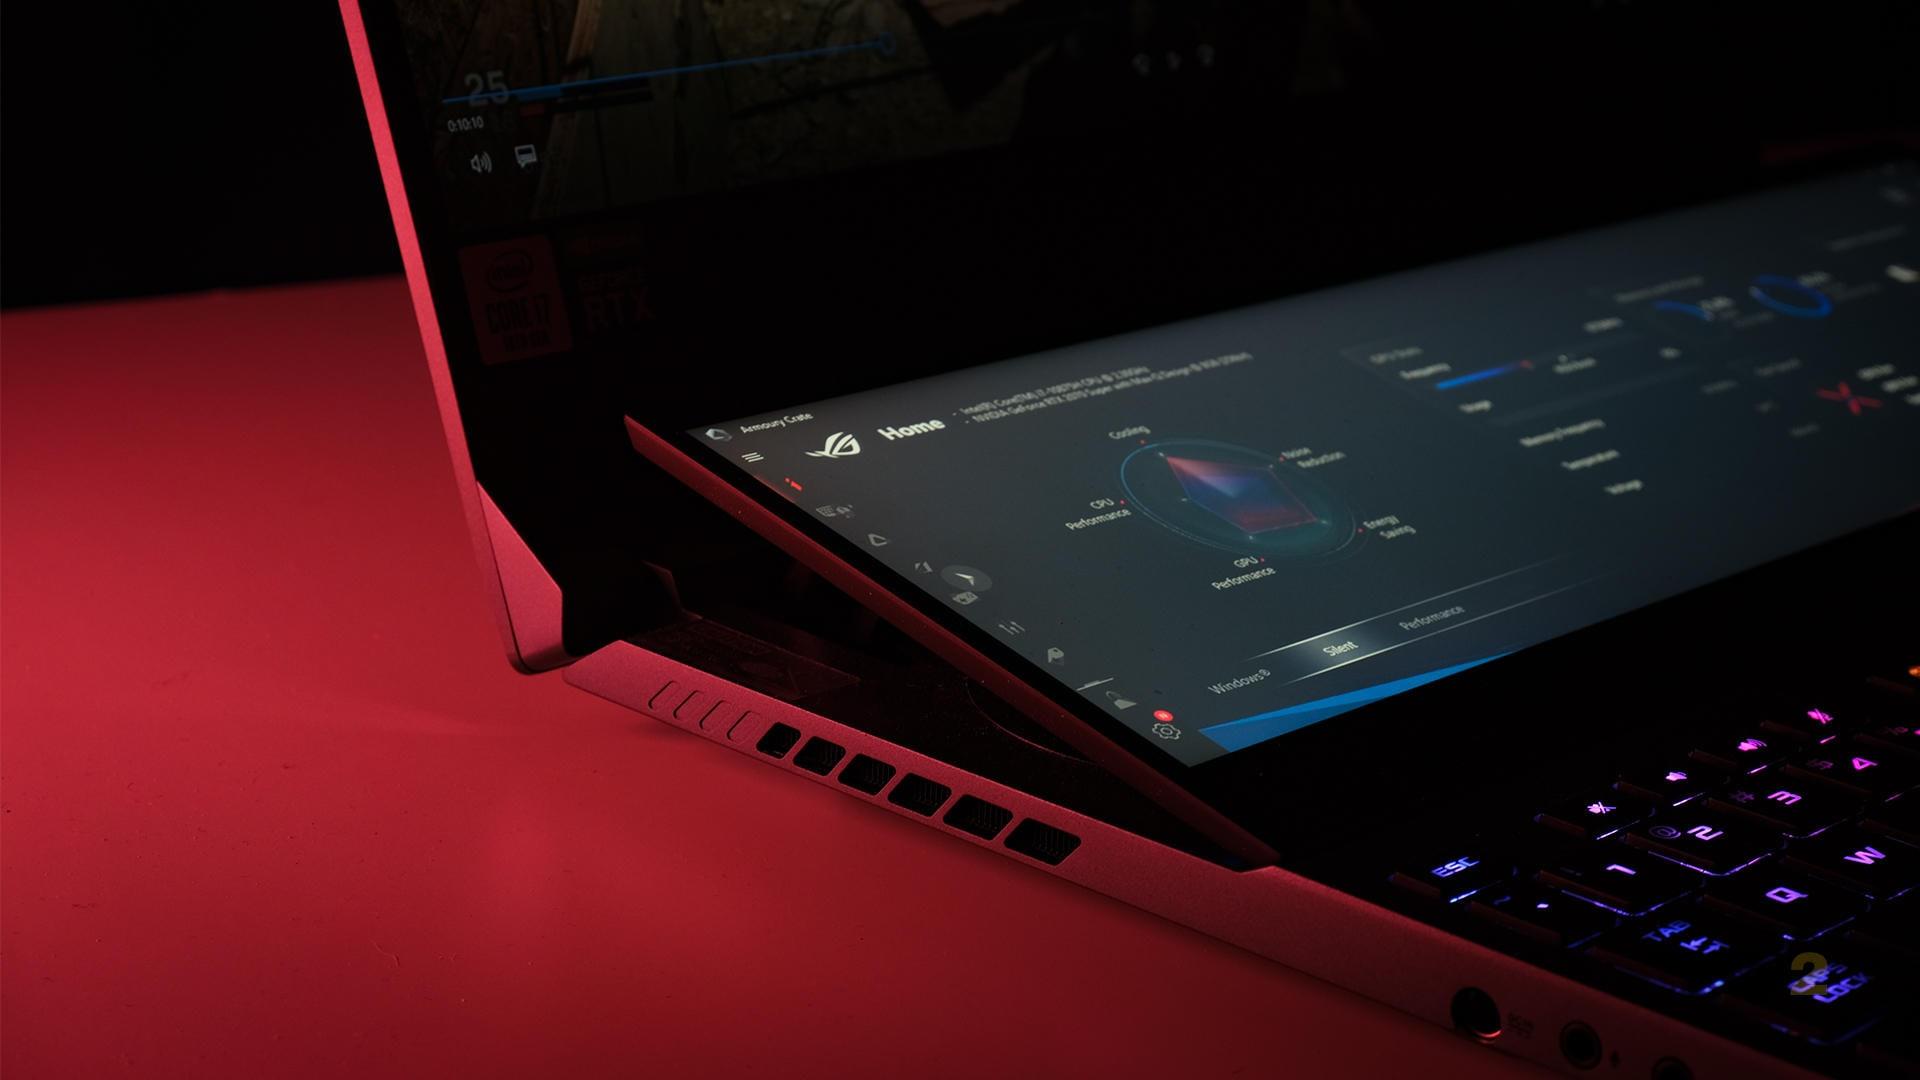 L'affichage secondaire est relevé d'environ 13 degrés.  Cela fournit un angle de vue assez décent si vous êtes assis près de l'ordinateur portable.  La charnière est également très robuste et l'écran ne se cassera pas si facilement si vous laissez accidentellement un câble coincé en dessous.  Image: Anirudh Regidi